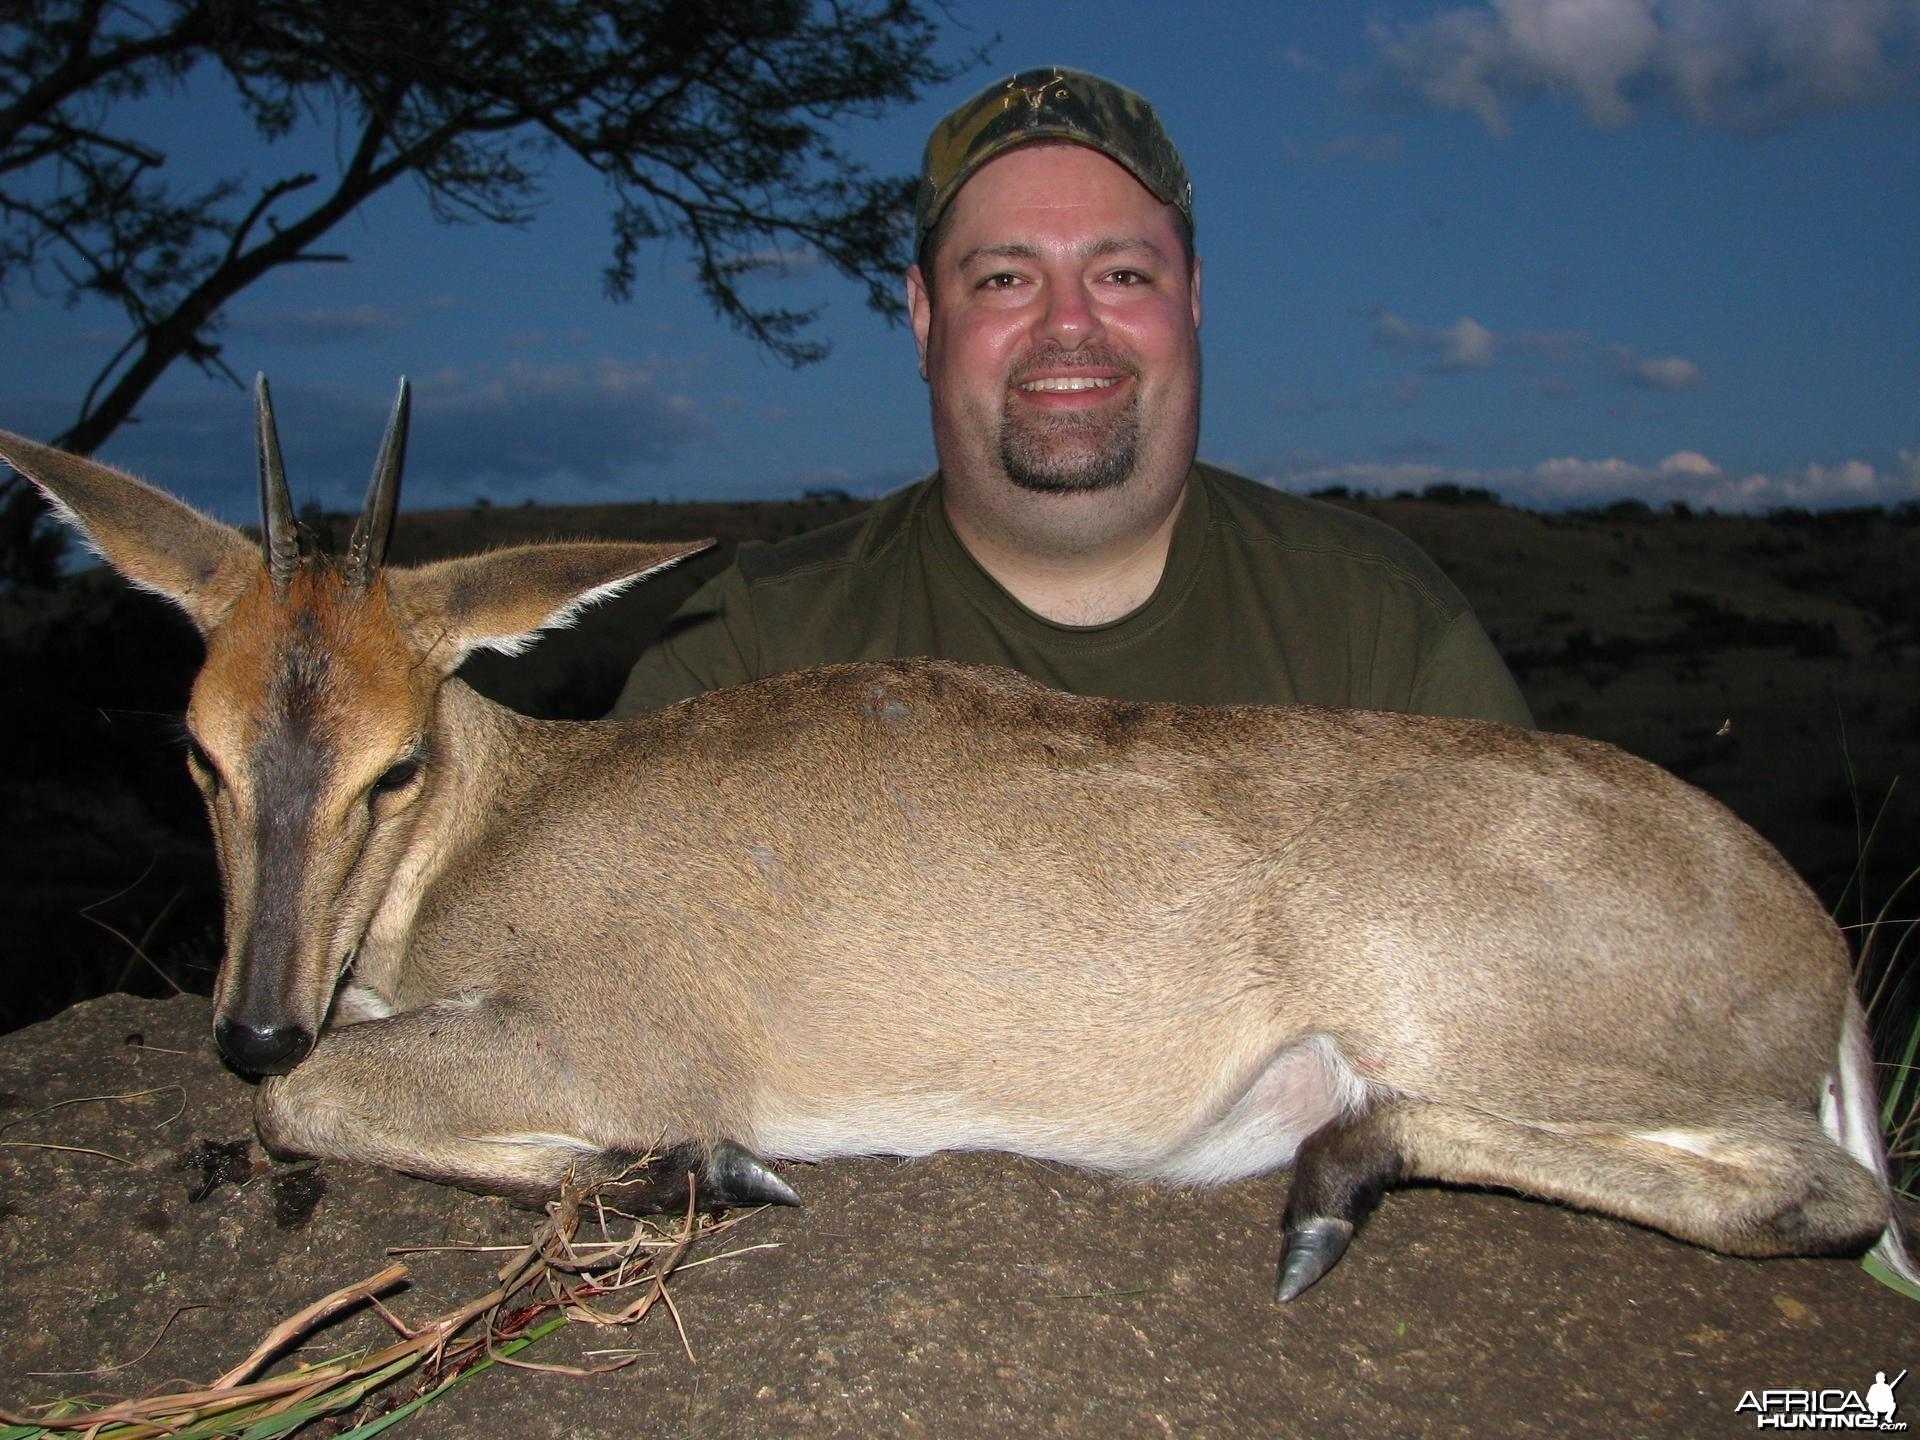 Hunting Duiker in Kwa-Zulu Natal, SA